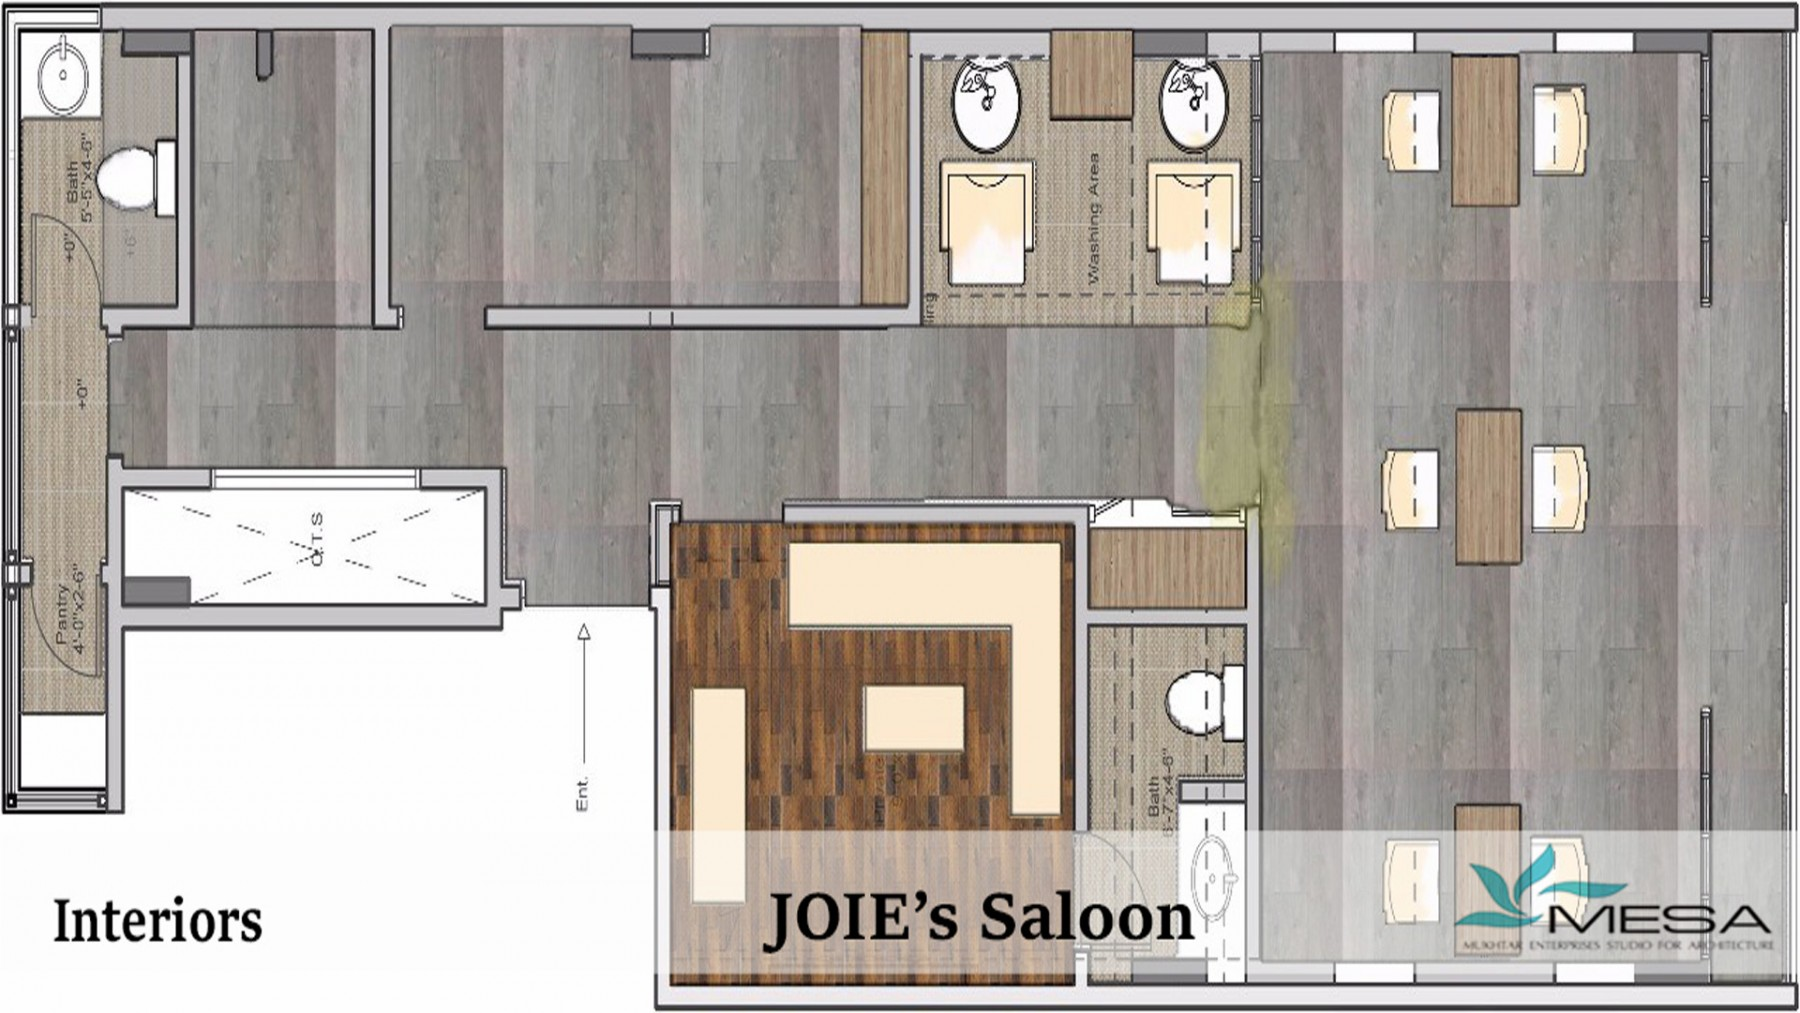 JOIEs-Saloon-10